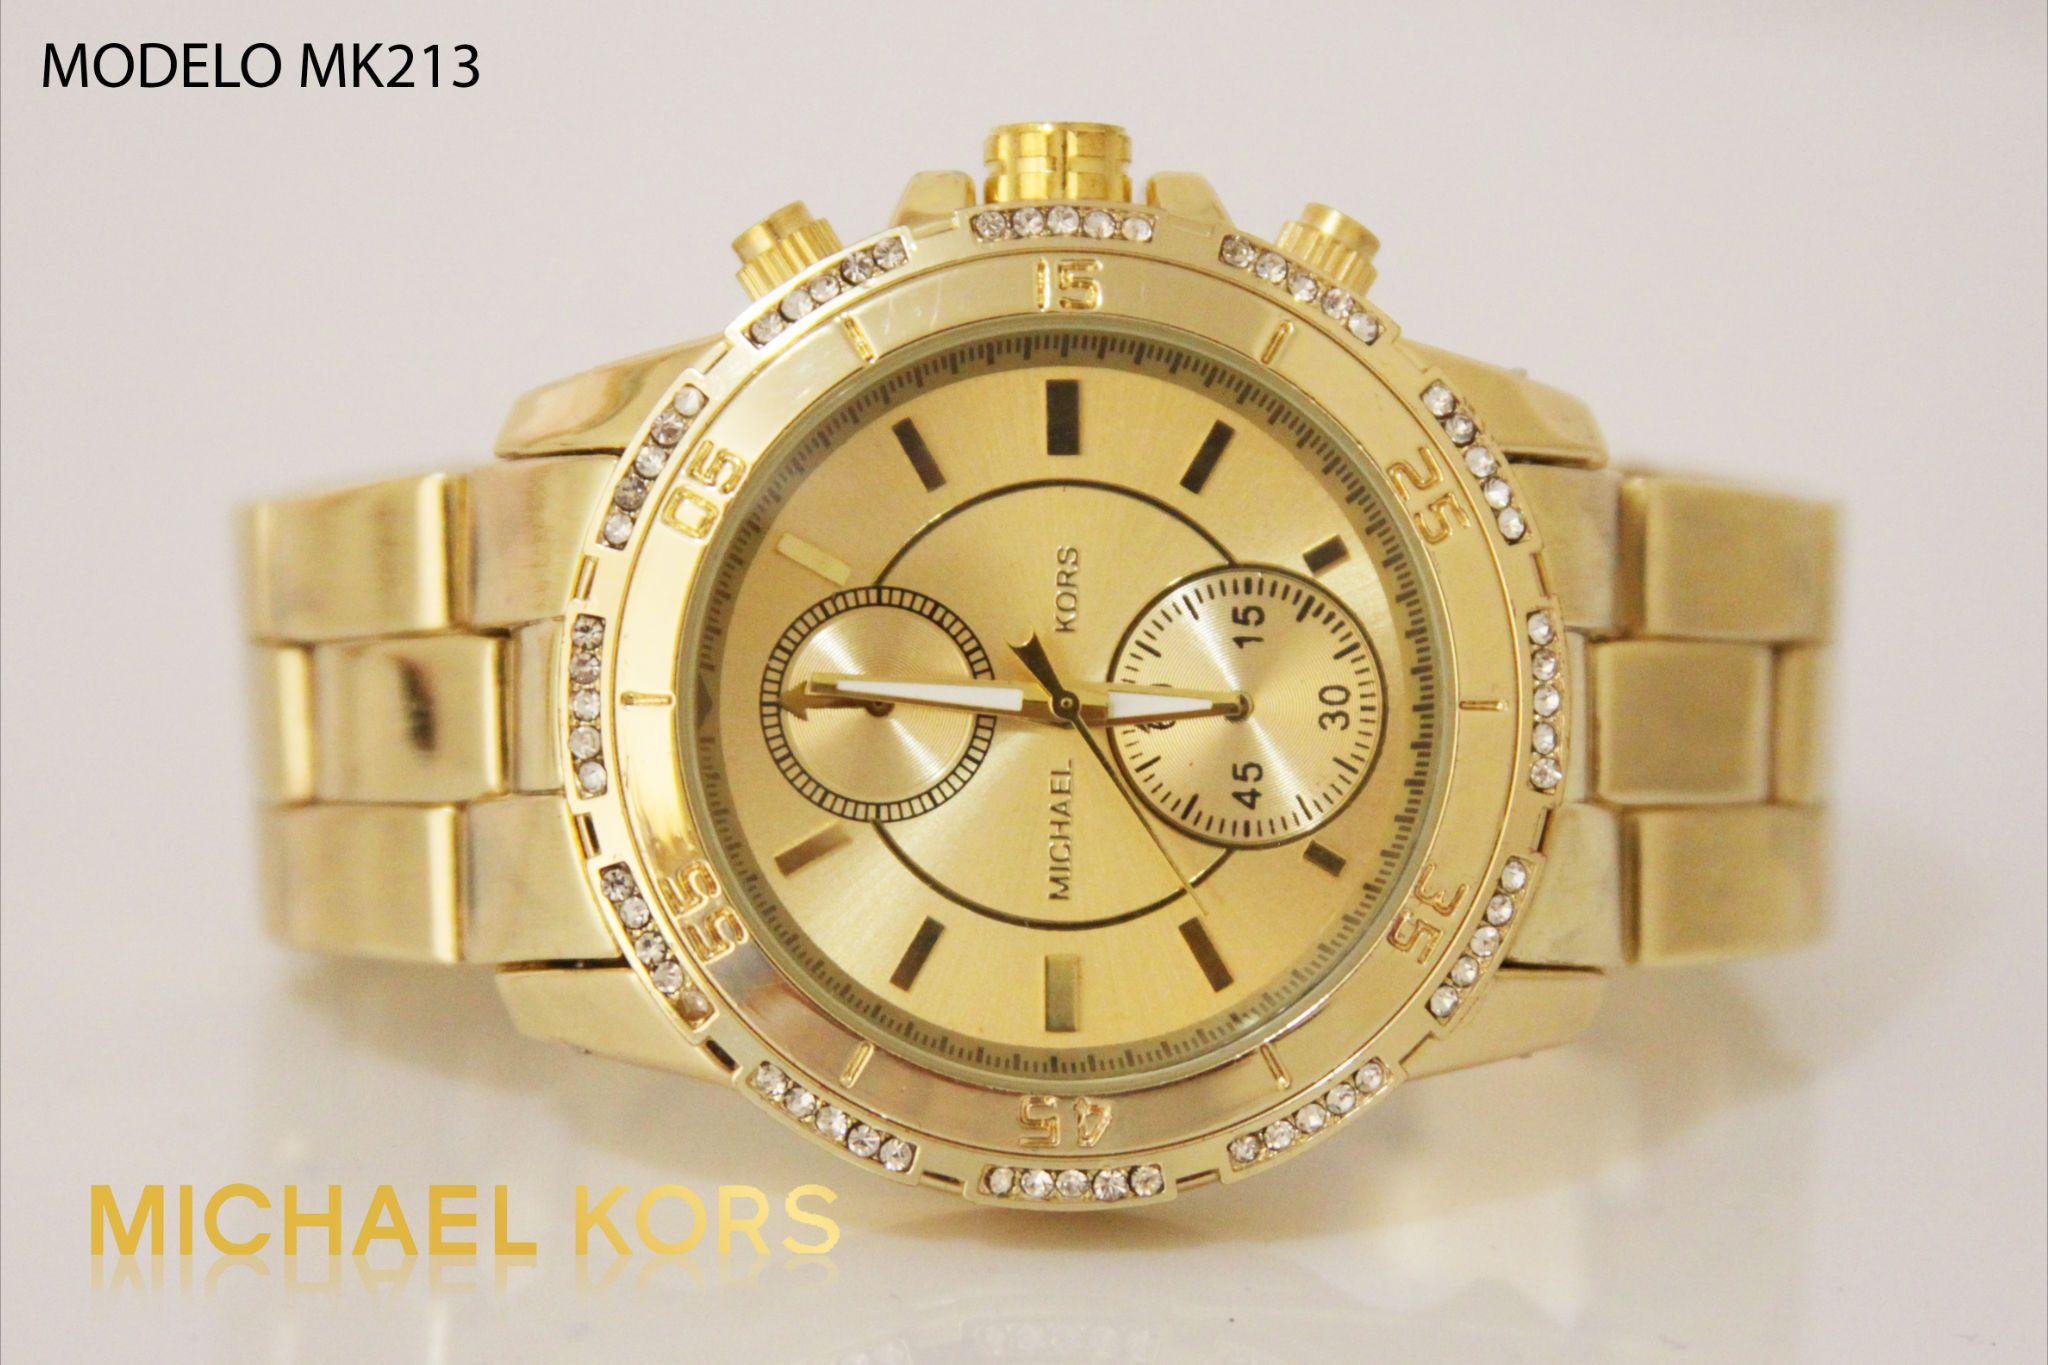 Reloj Michael kors dama dorado  relojesmichaelkorsdama  relojes   michaelkorsdama  reloj  argentina 39470aebd76c